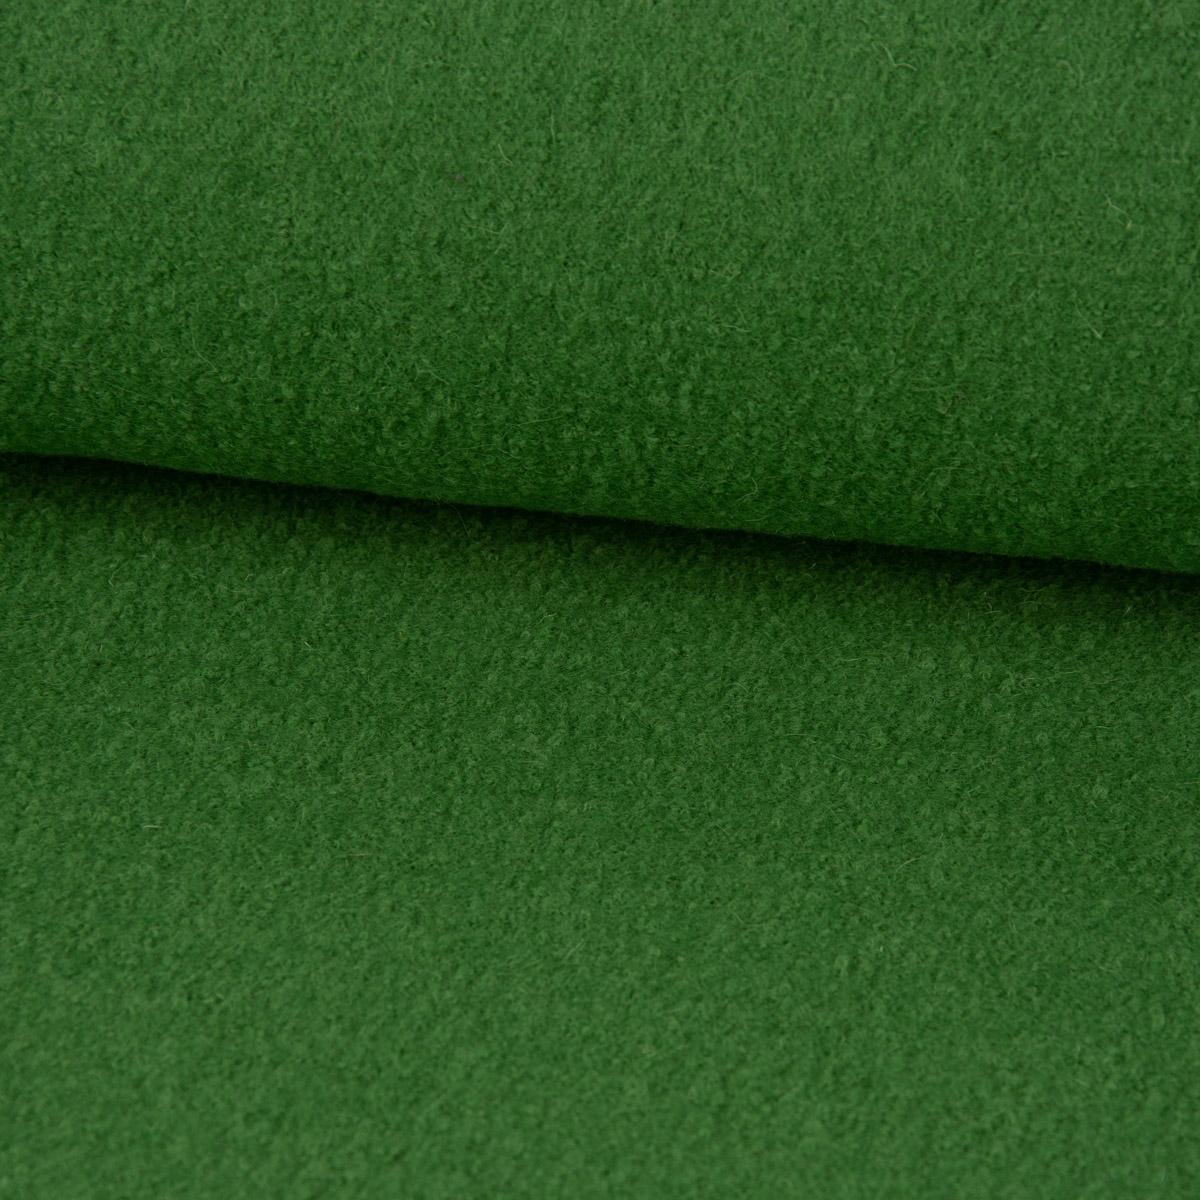 Mantelstoff Bekleidungsstoff Walkloden Wolle grün 1,46m Breite